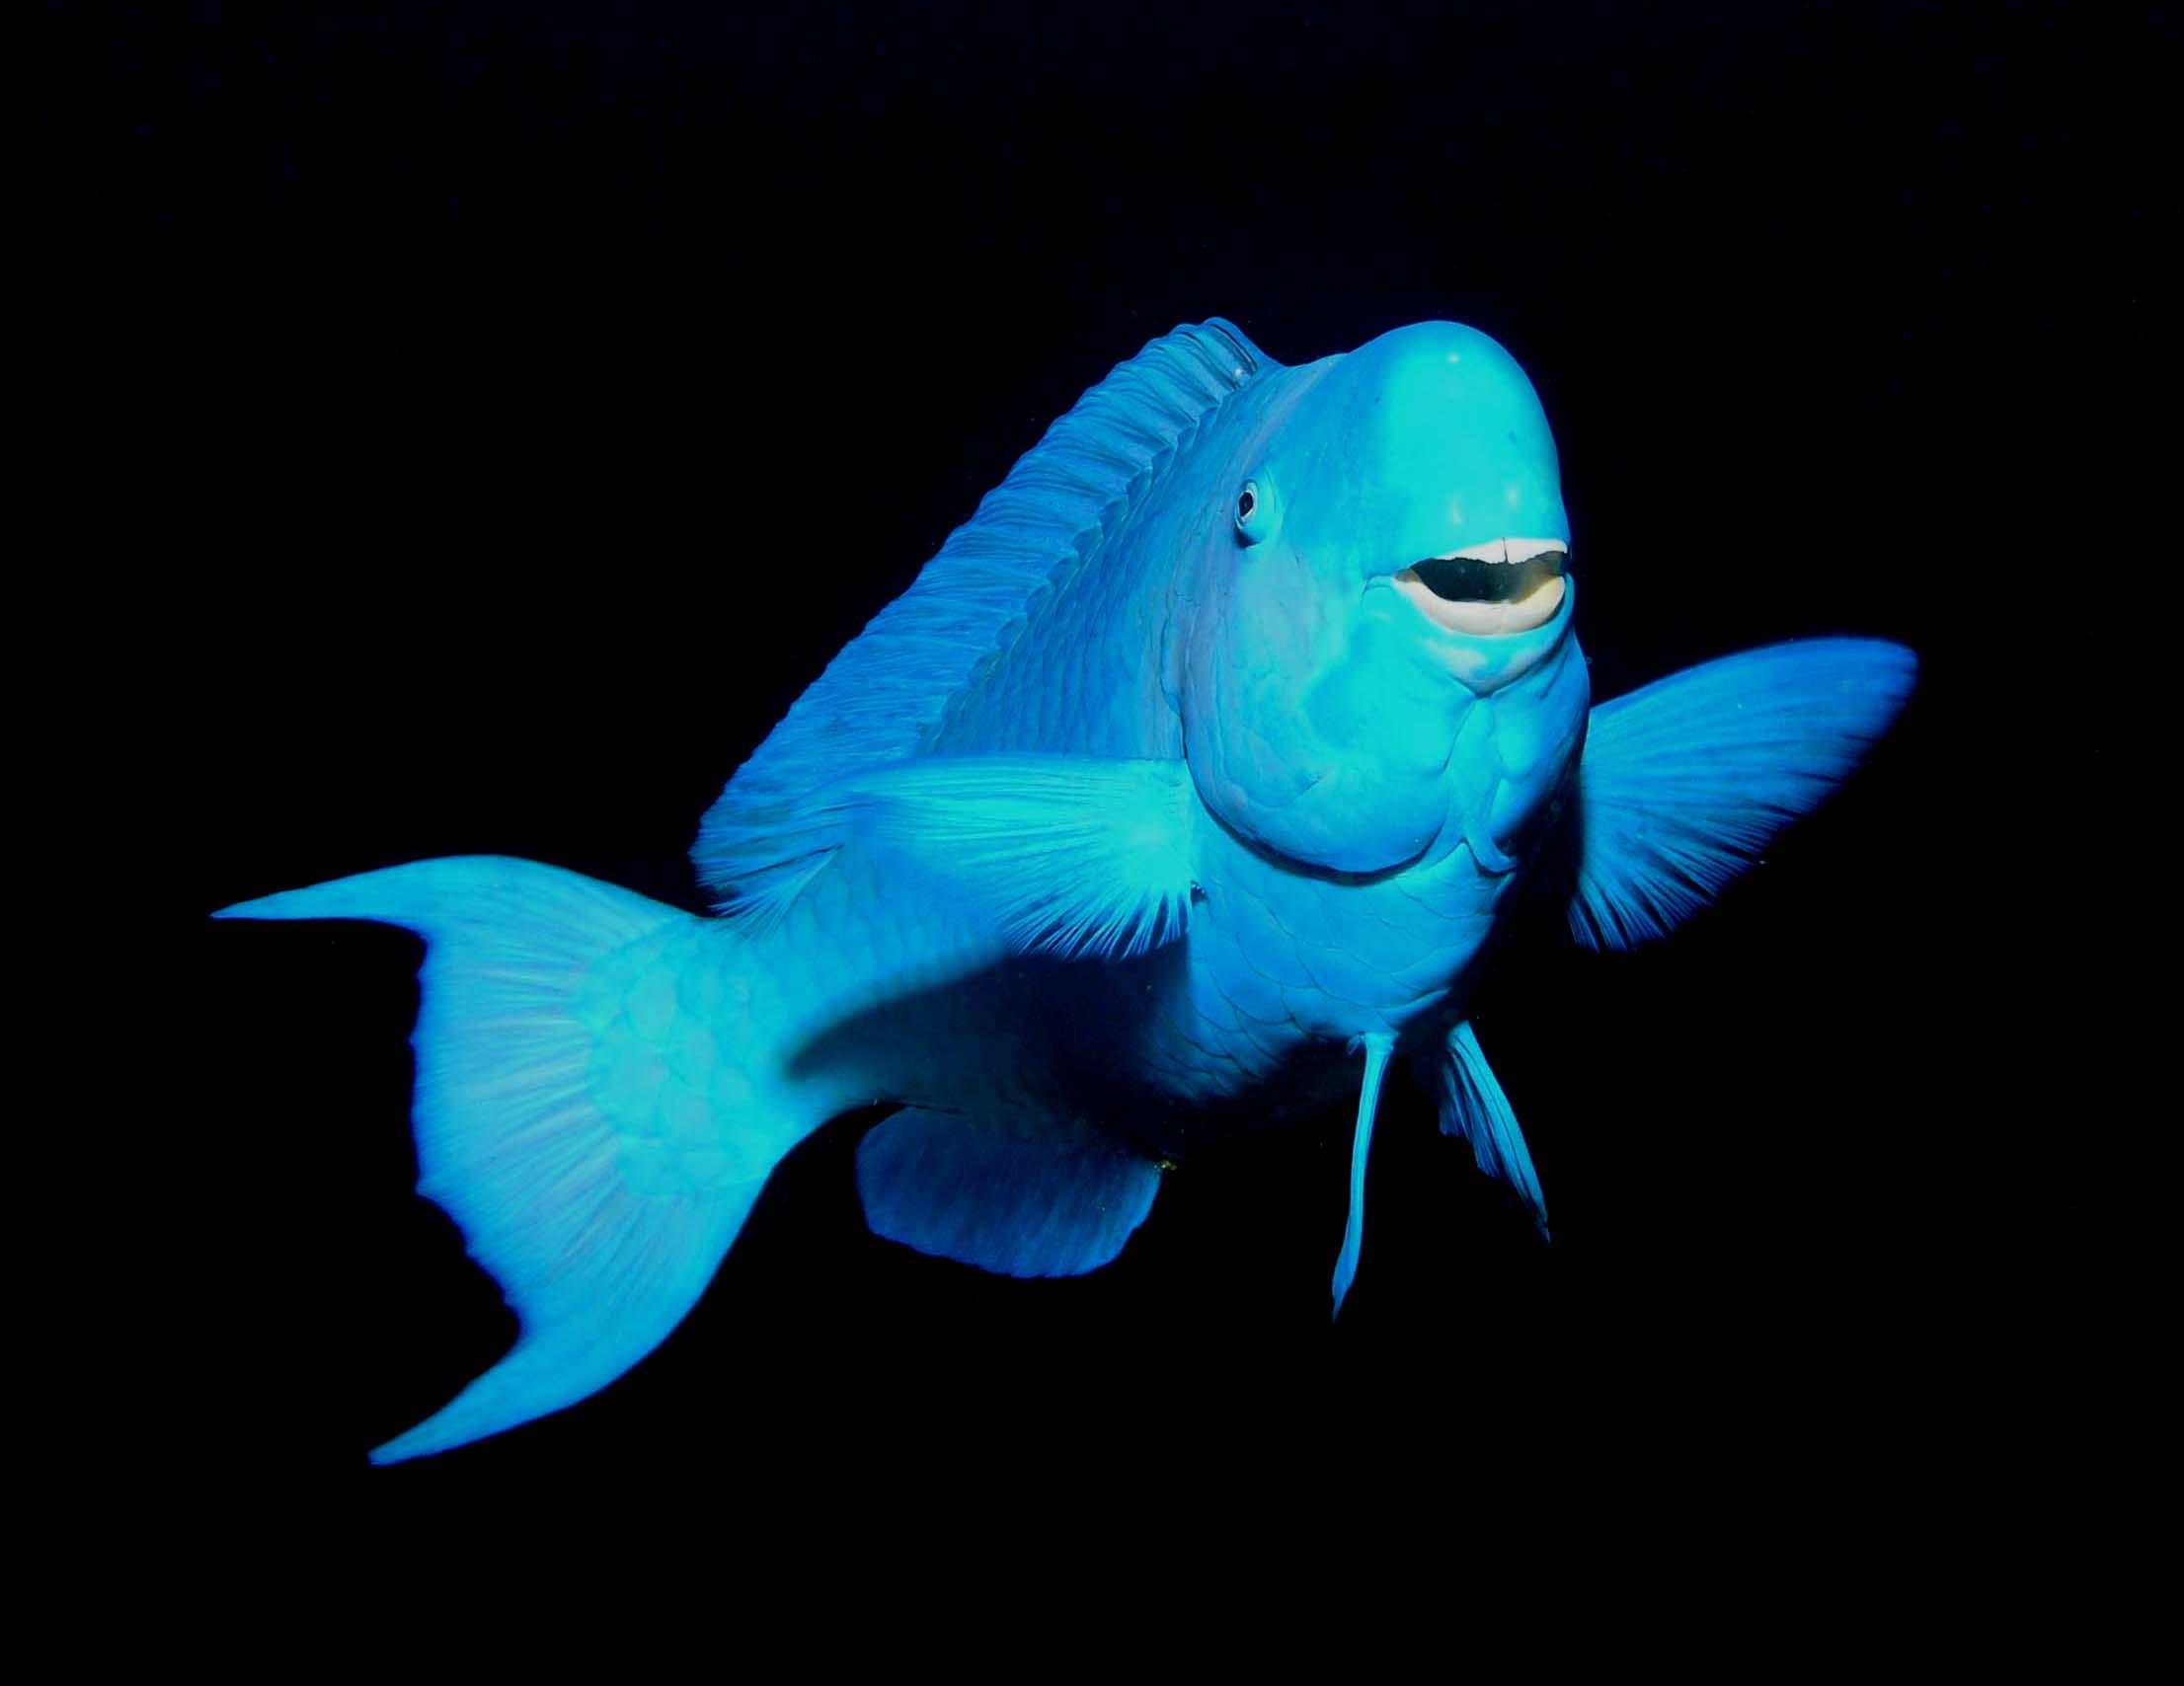 Blue Parrot Fish